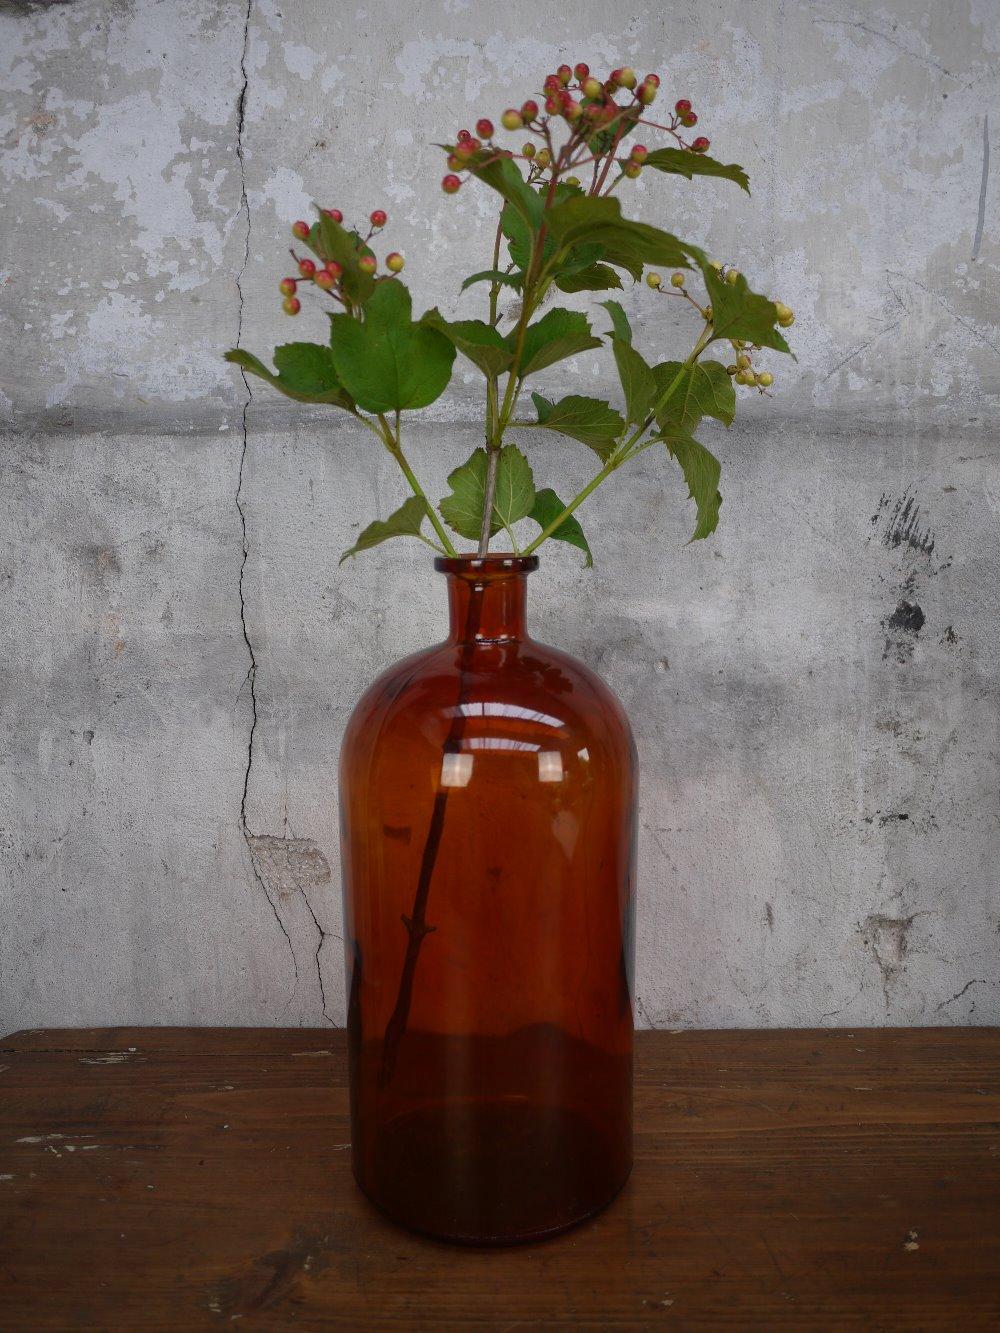 http://myshop.s3-external-3.amazonaws.com/shop4613300.pictures.364.jpg